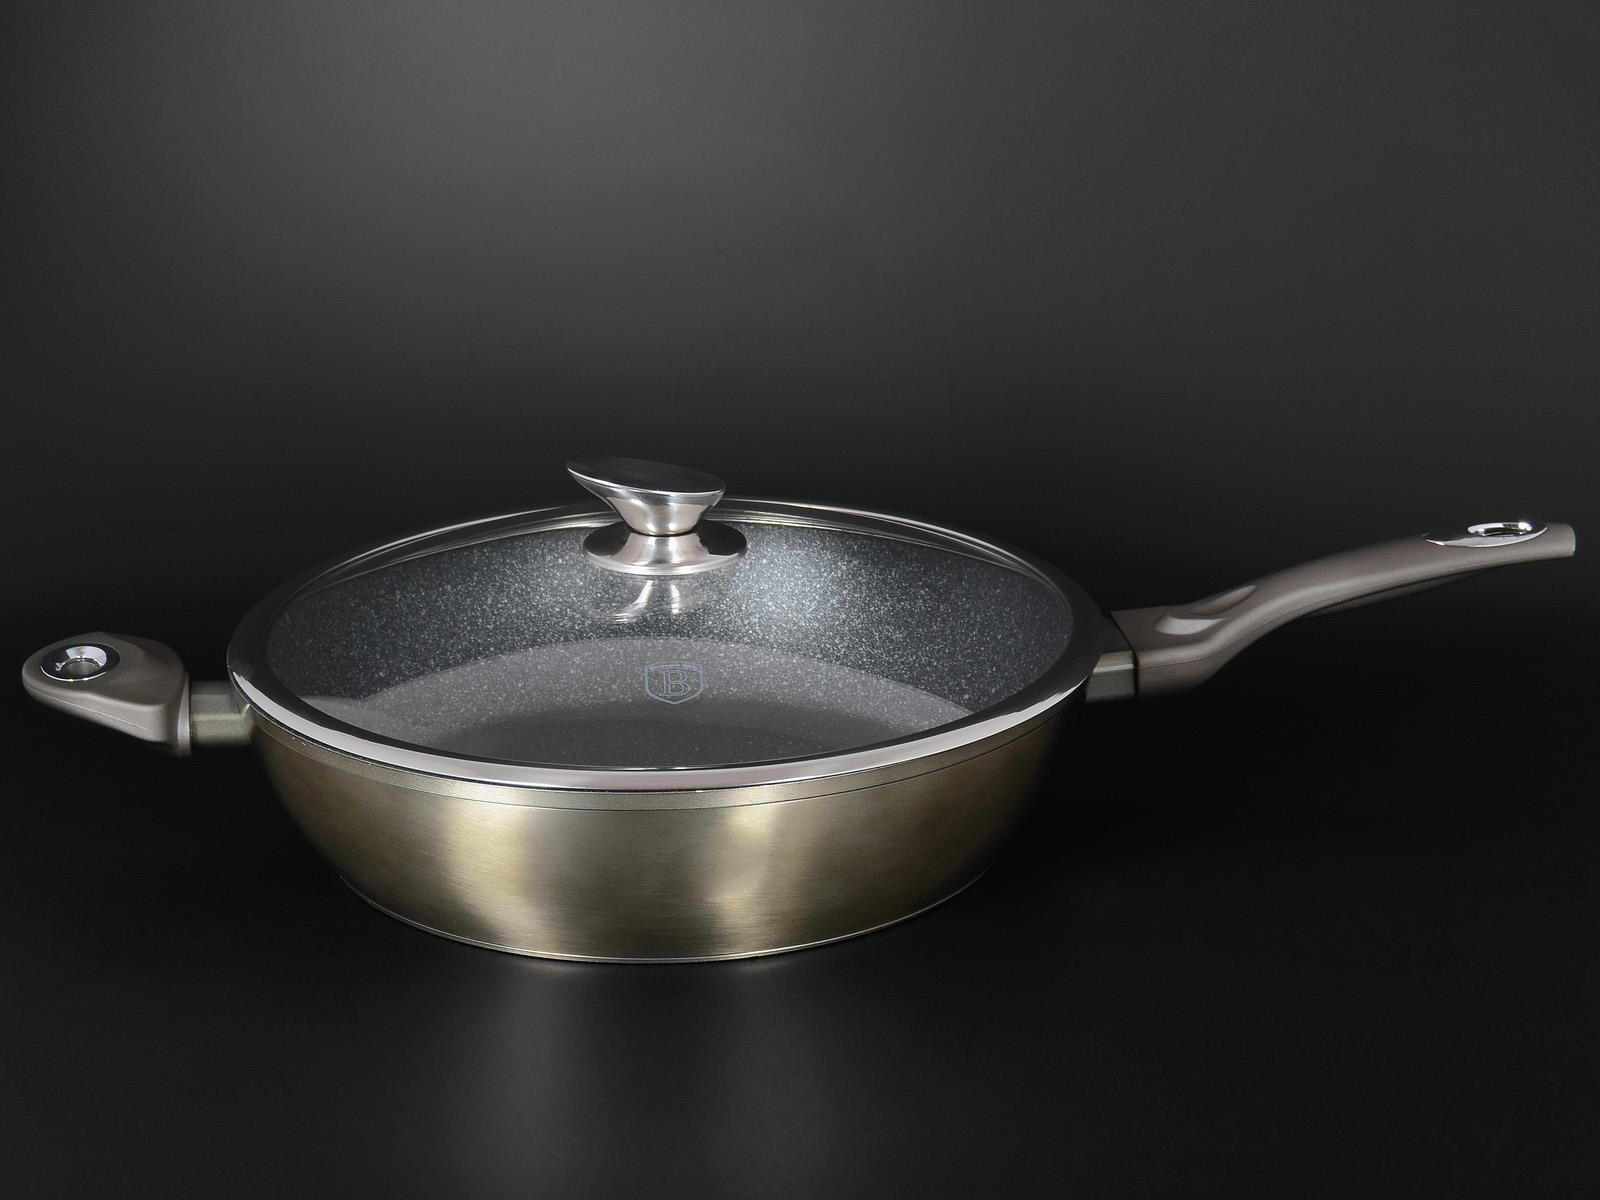 Фото круглой сковороды с крышкой